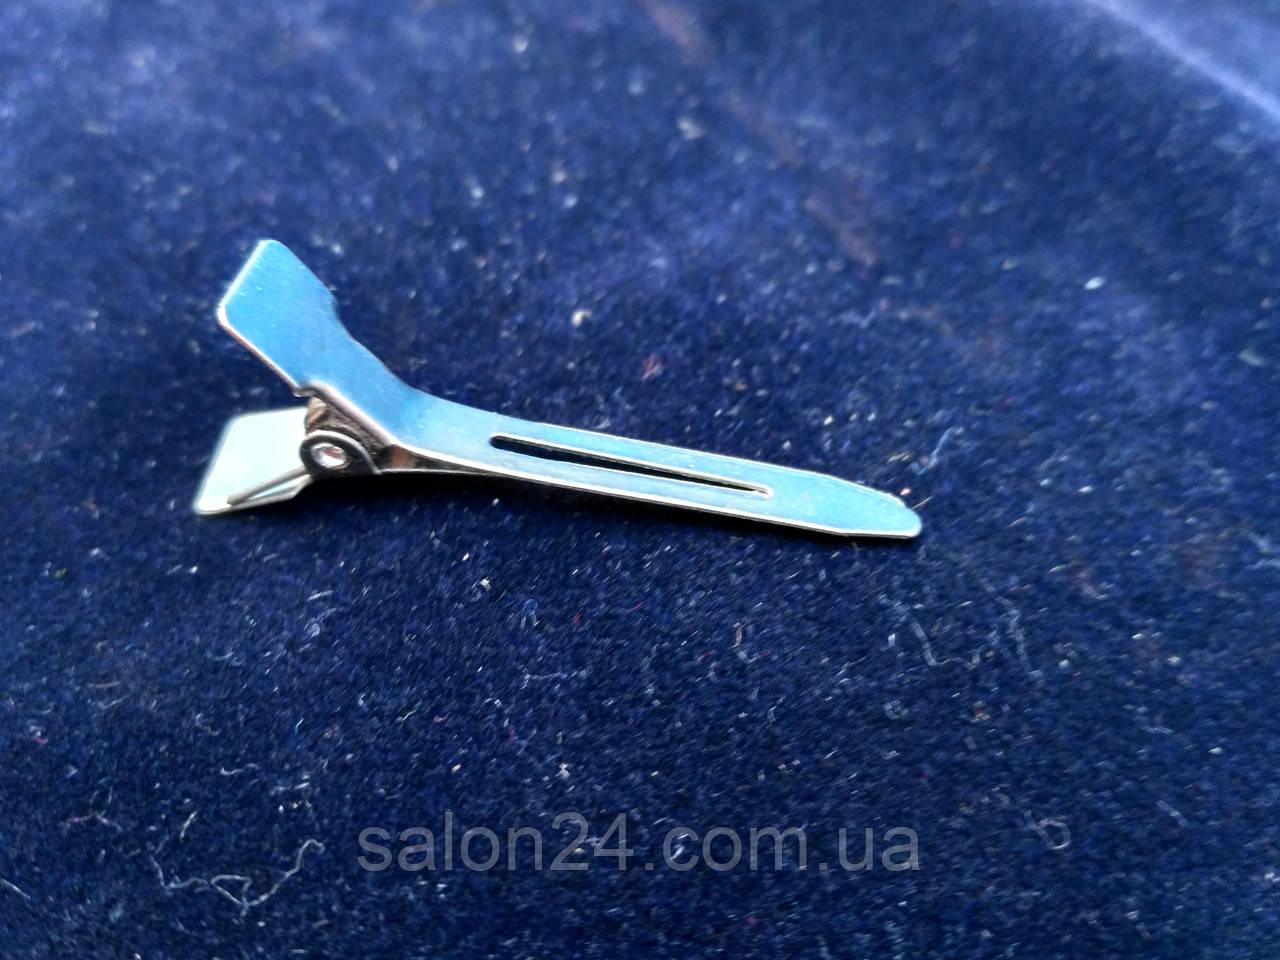 Заколка уточка металлическая малая 4,5мм  (12 шт.)